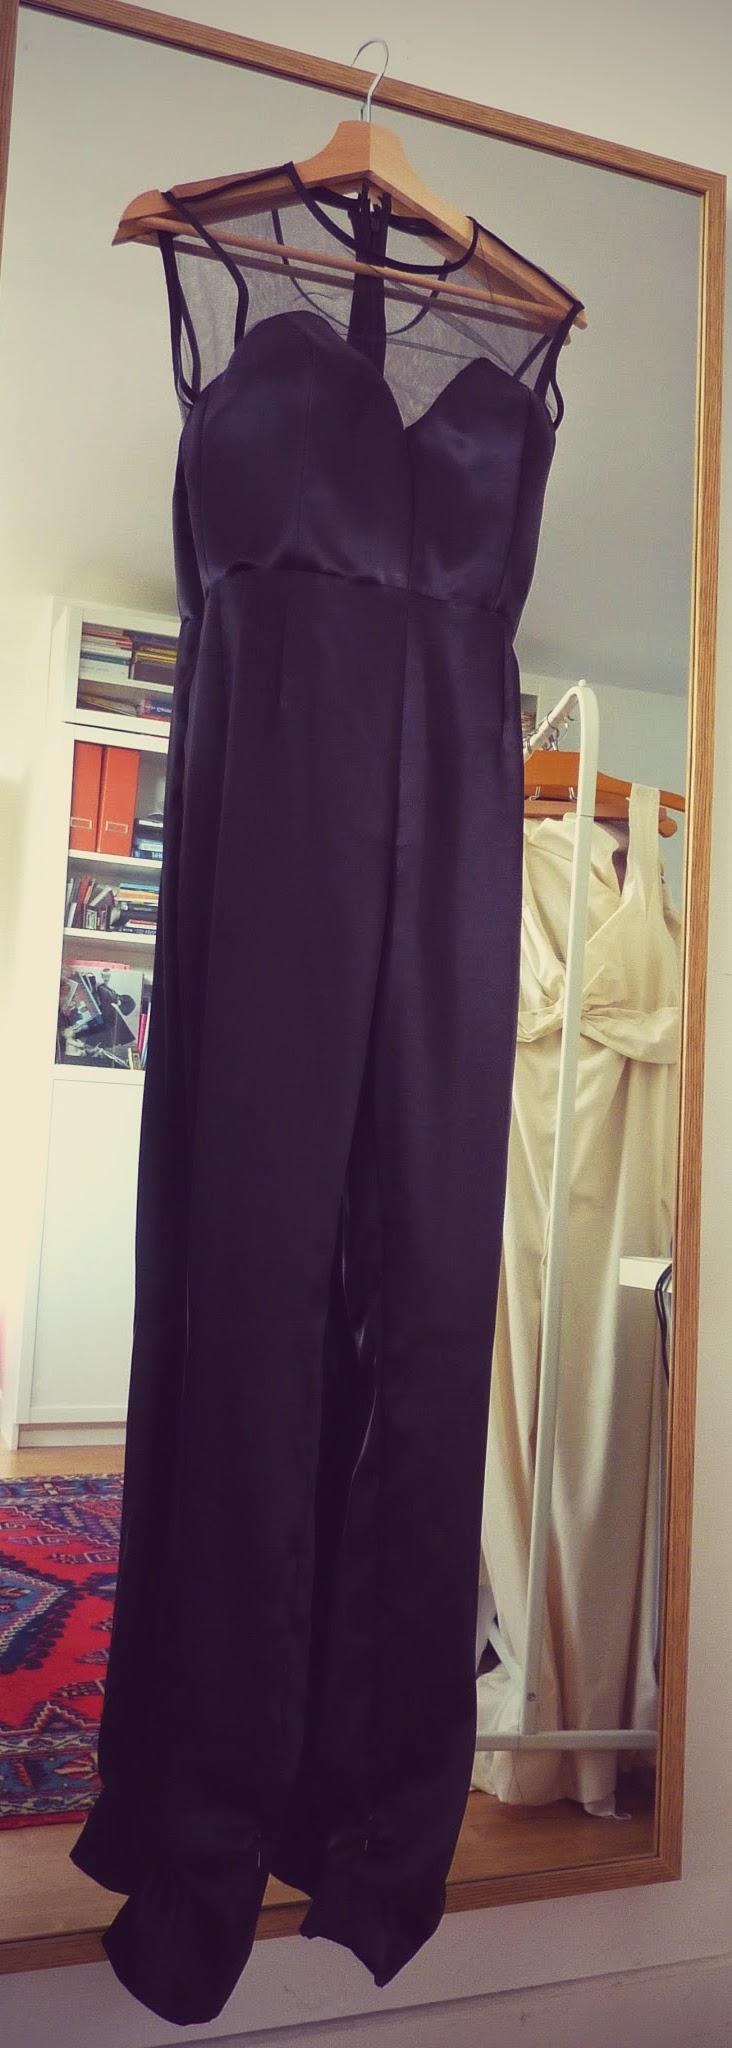 combi-pantalon en soie couture sur mesure à Versailles